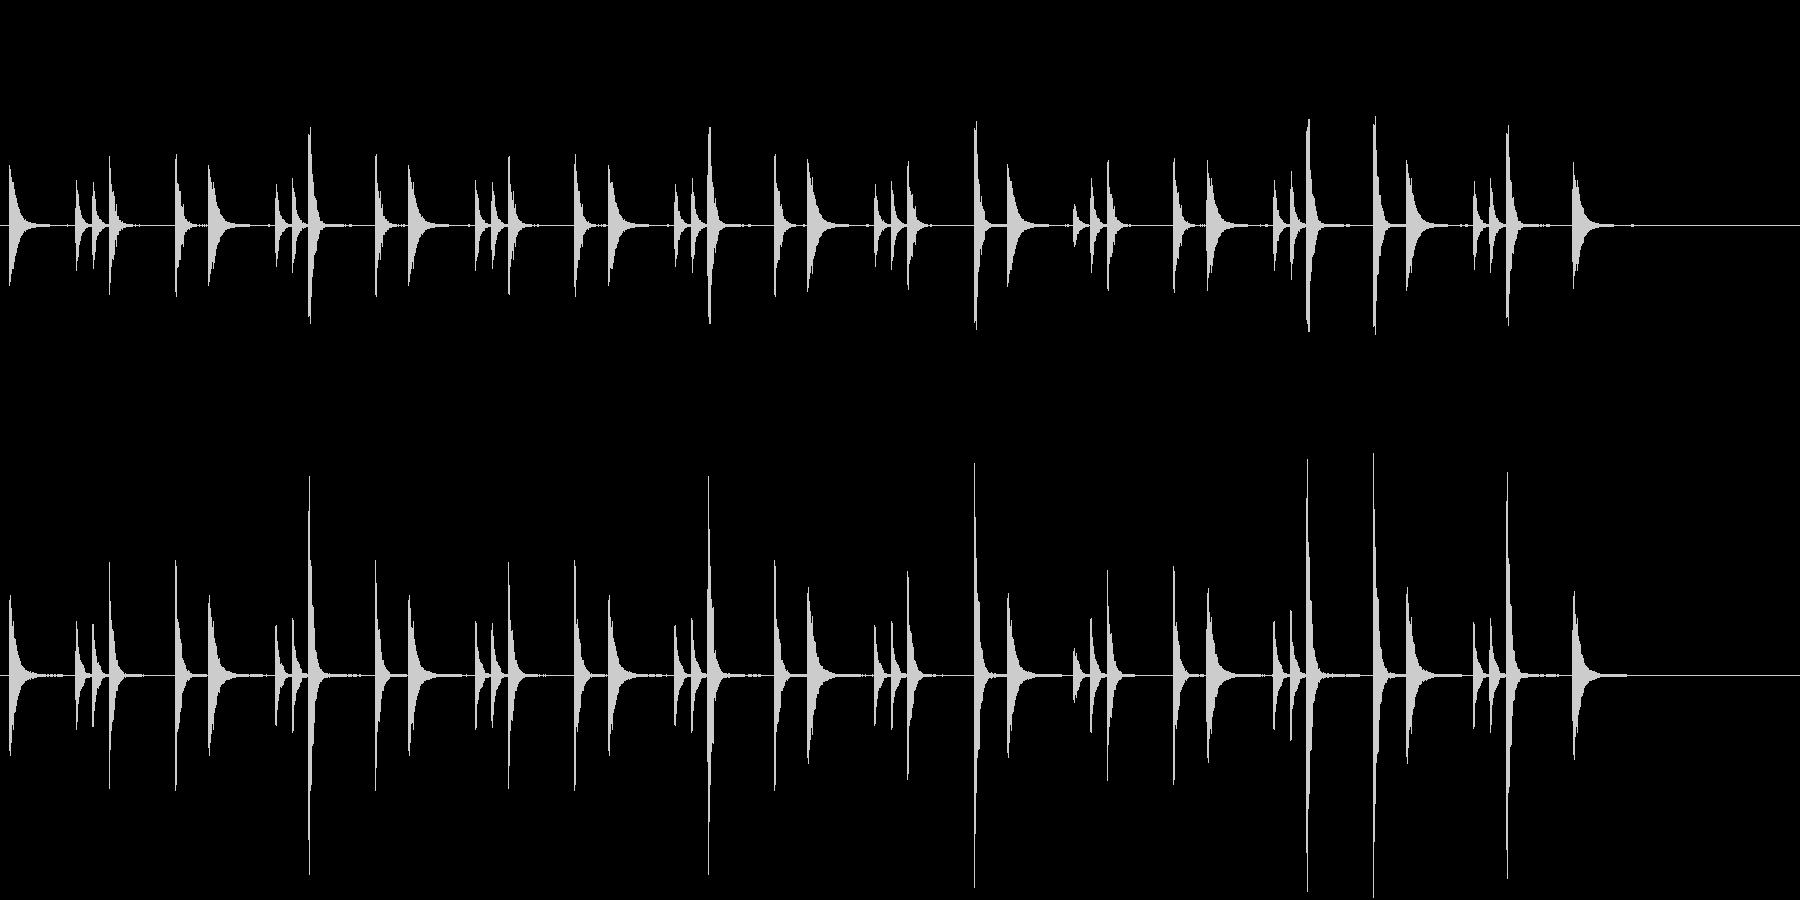 お囃子祭りの軽快な当り鉦のループ音FX有の未再生の波形